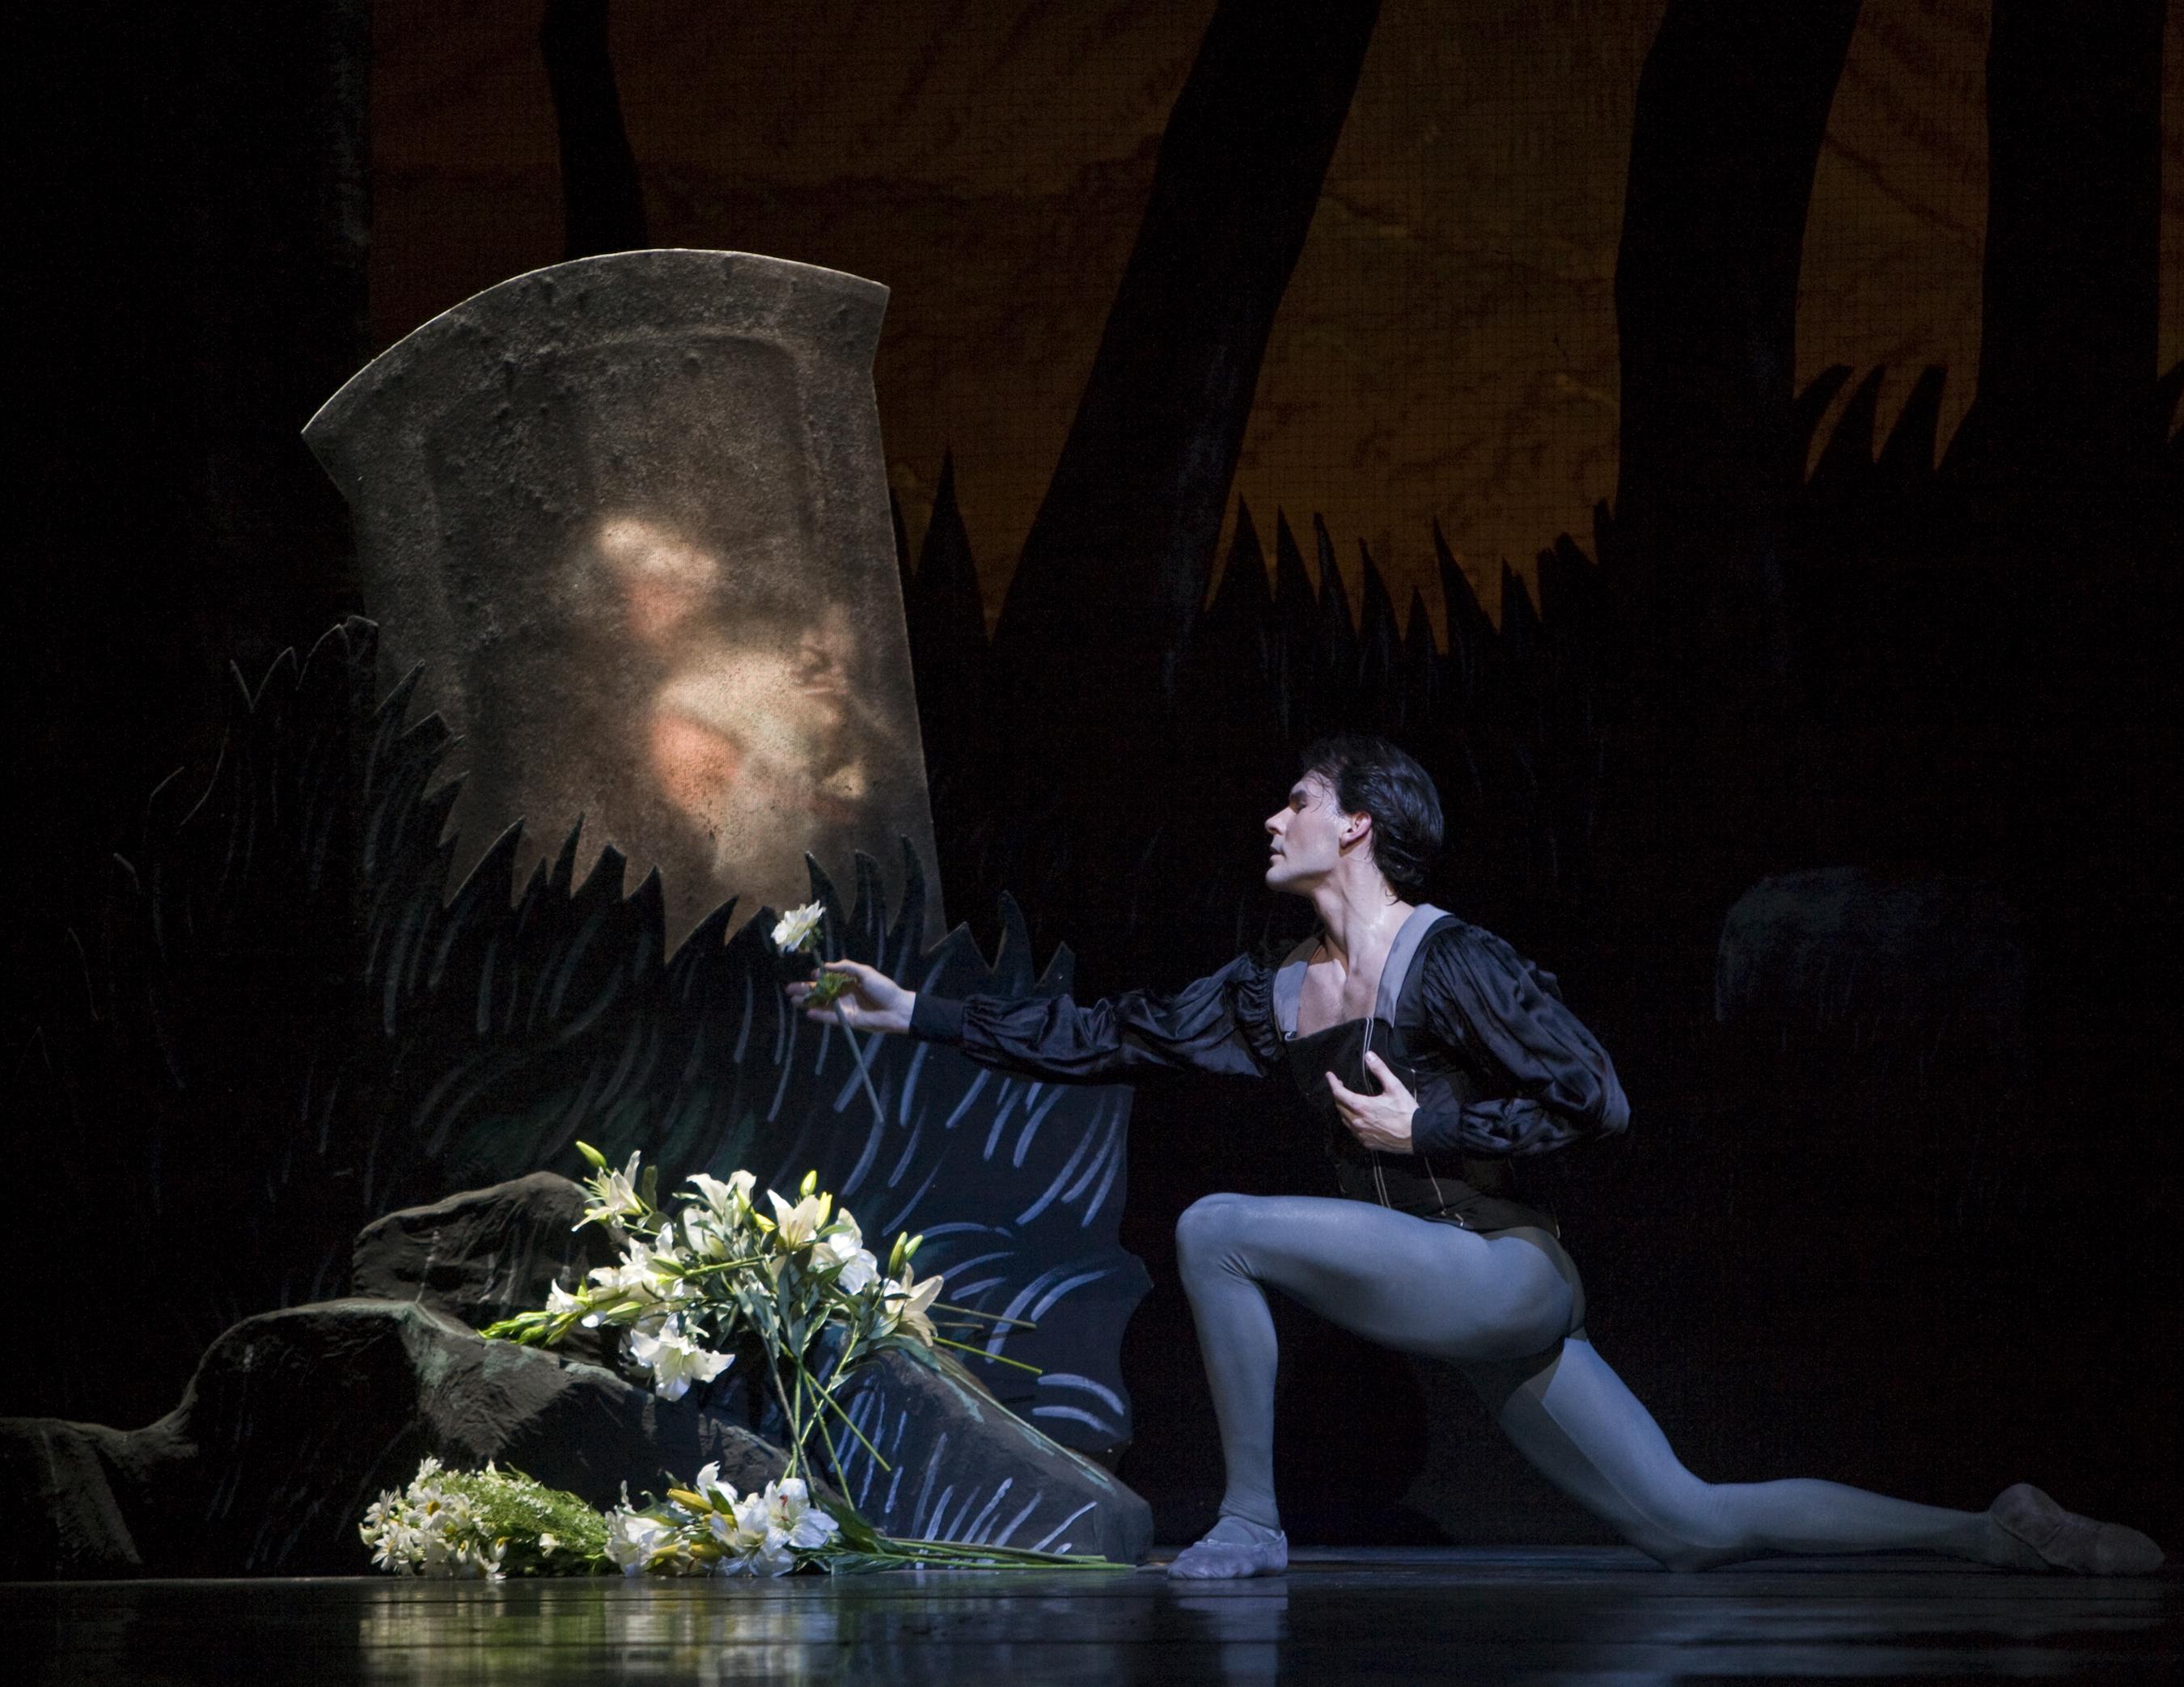 dancer kneels in front of grave in Giselle